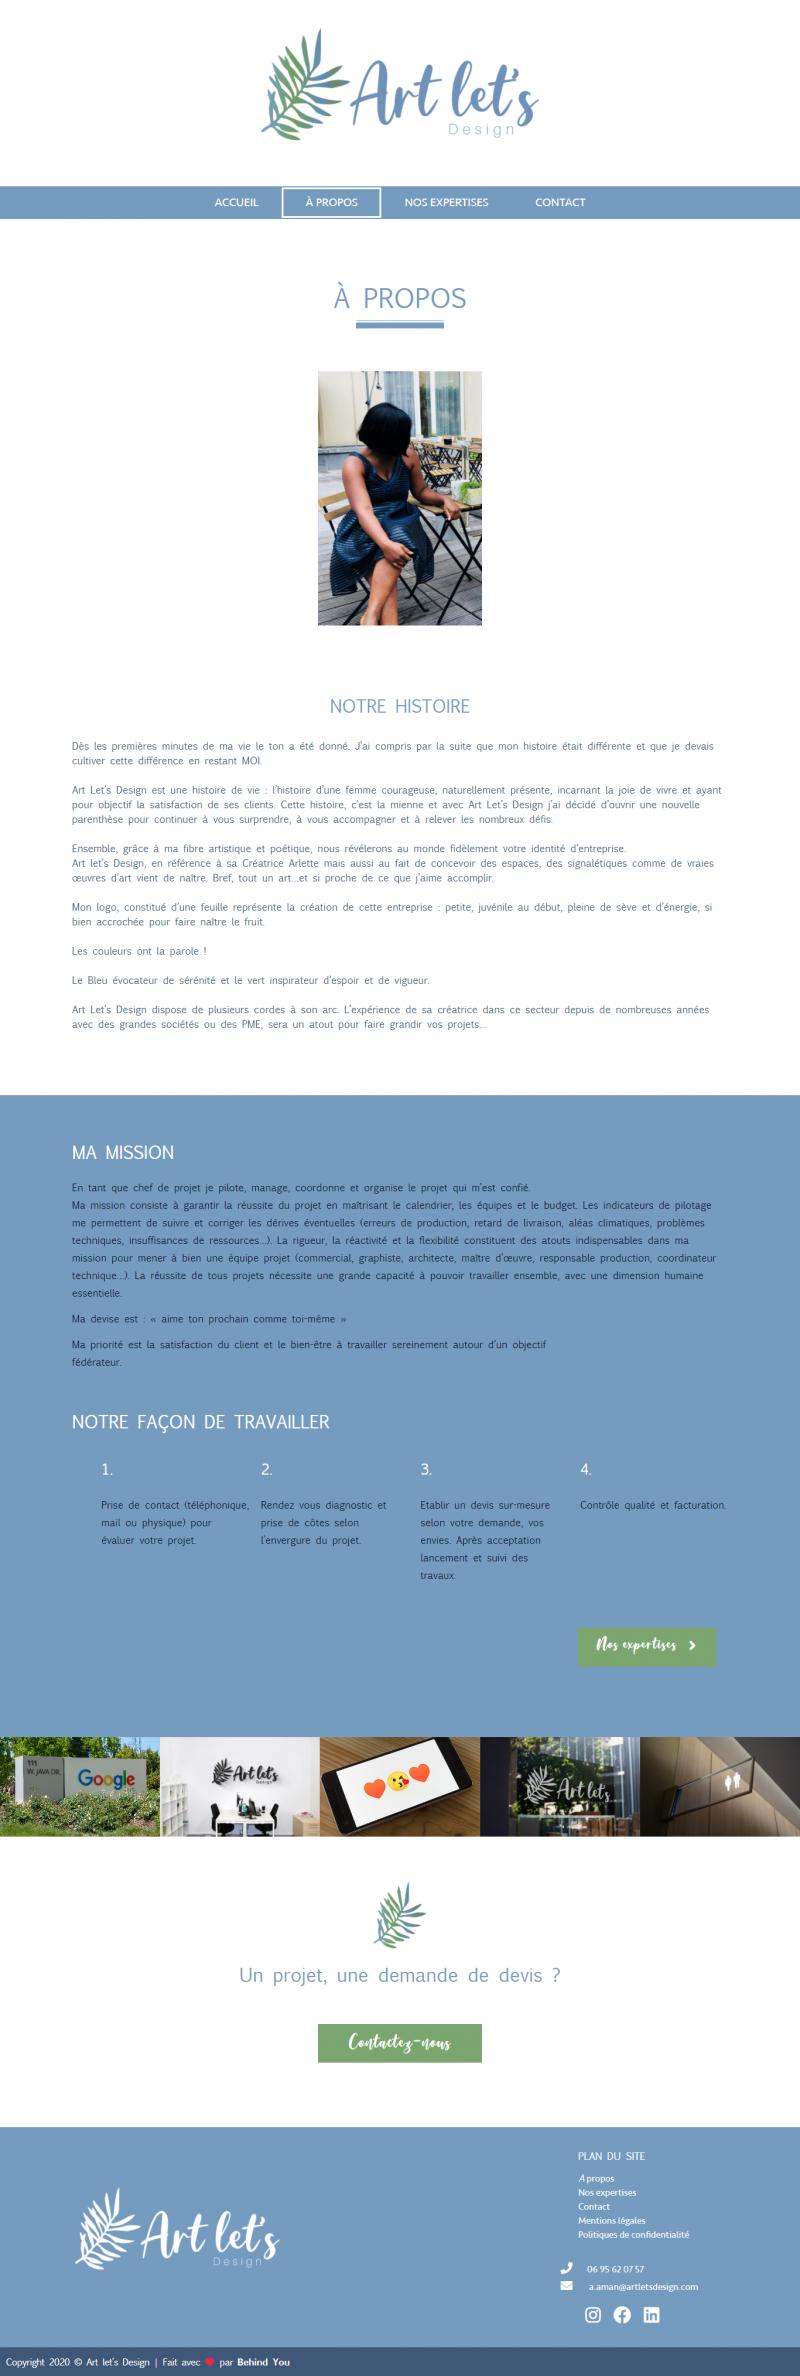 rtletsdesign-a-propos